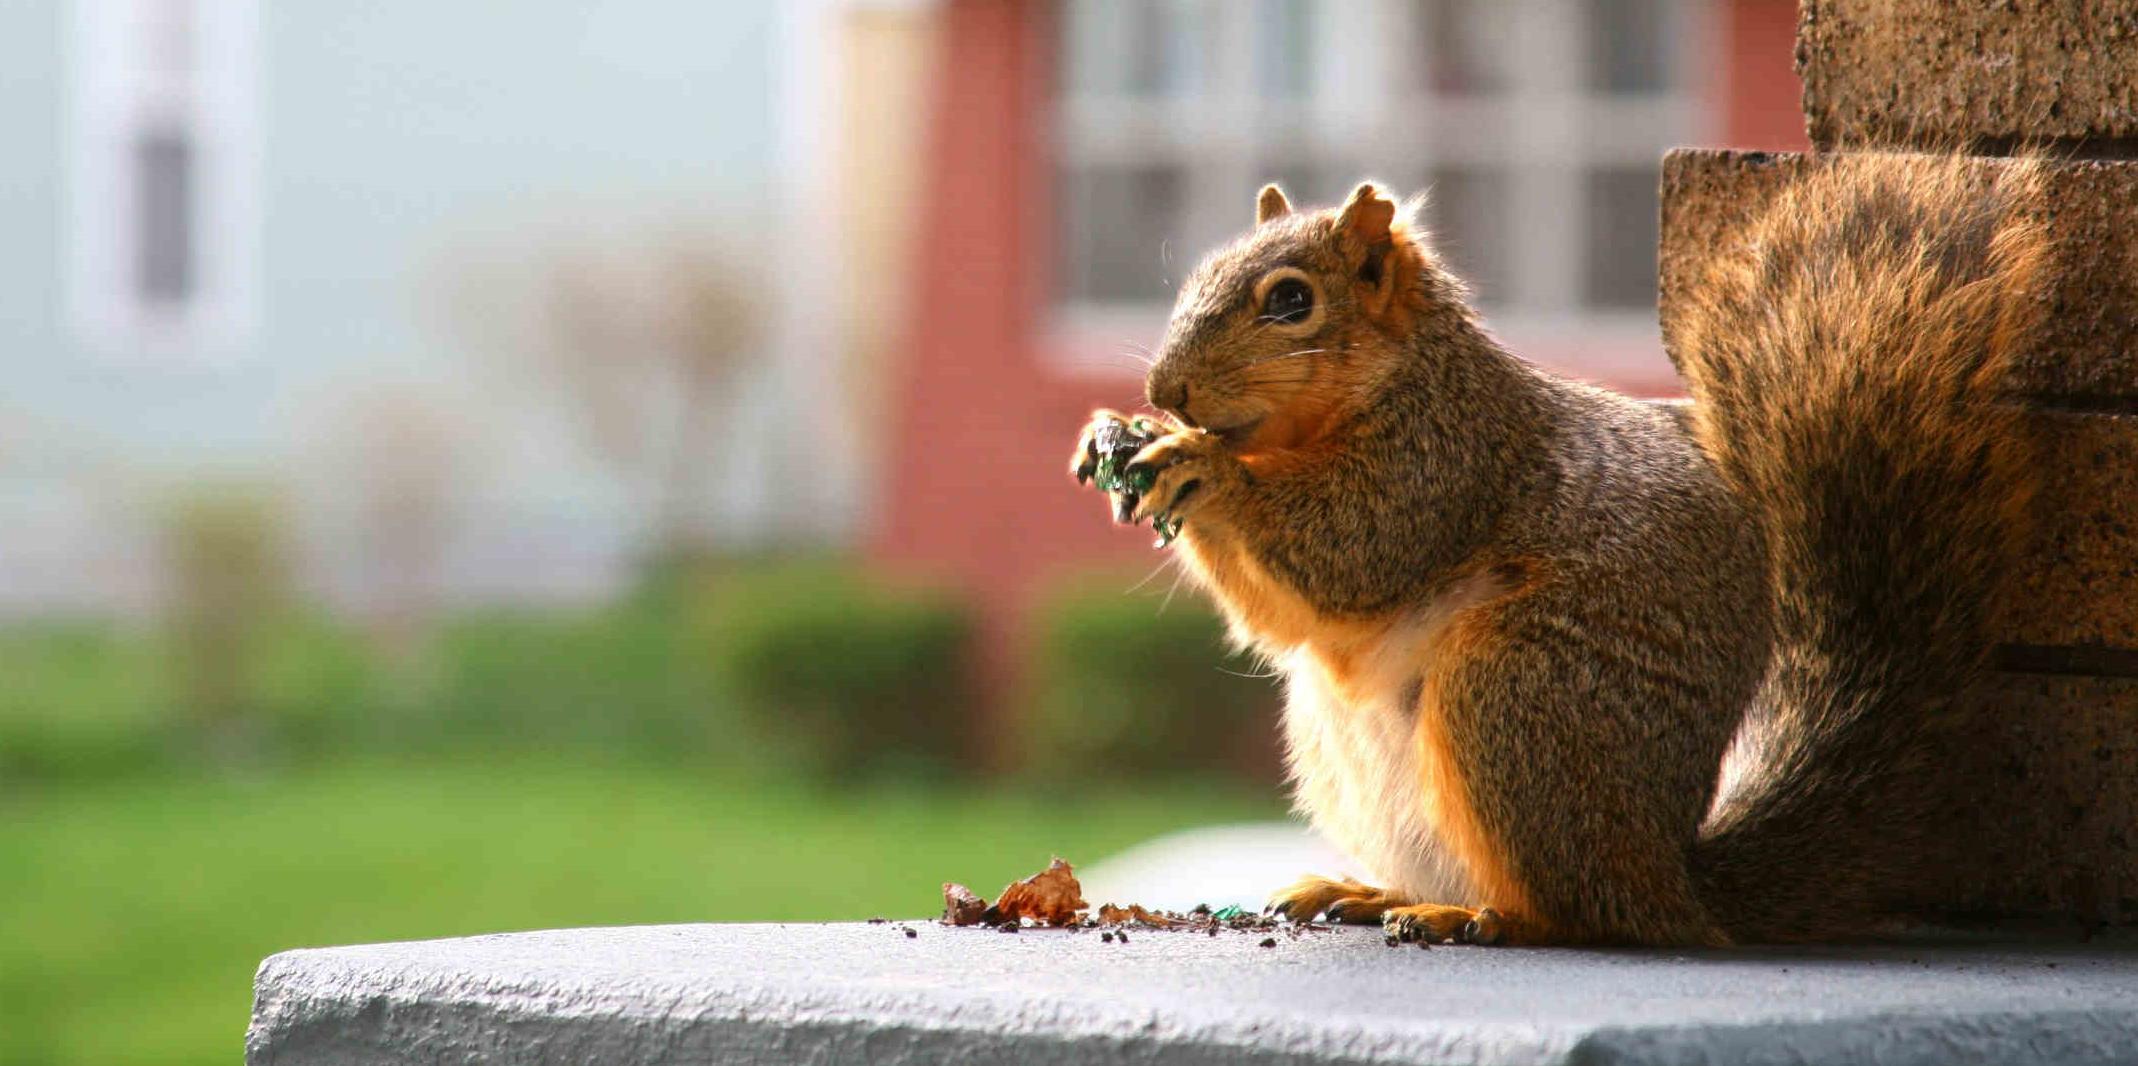 Találkozhatunk-e mókussal a szigetelt tetőtérben?